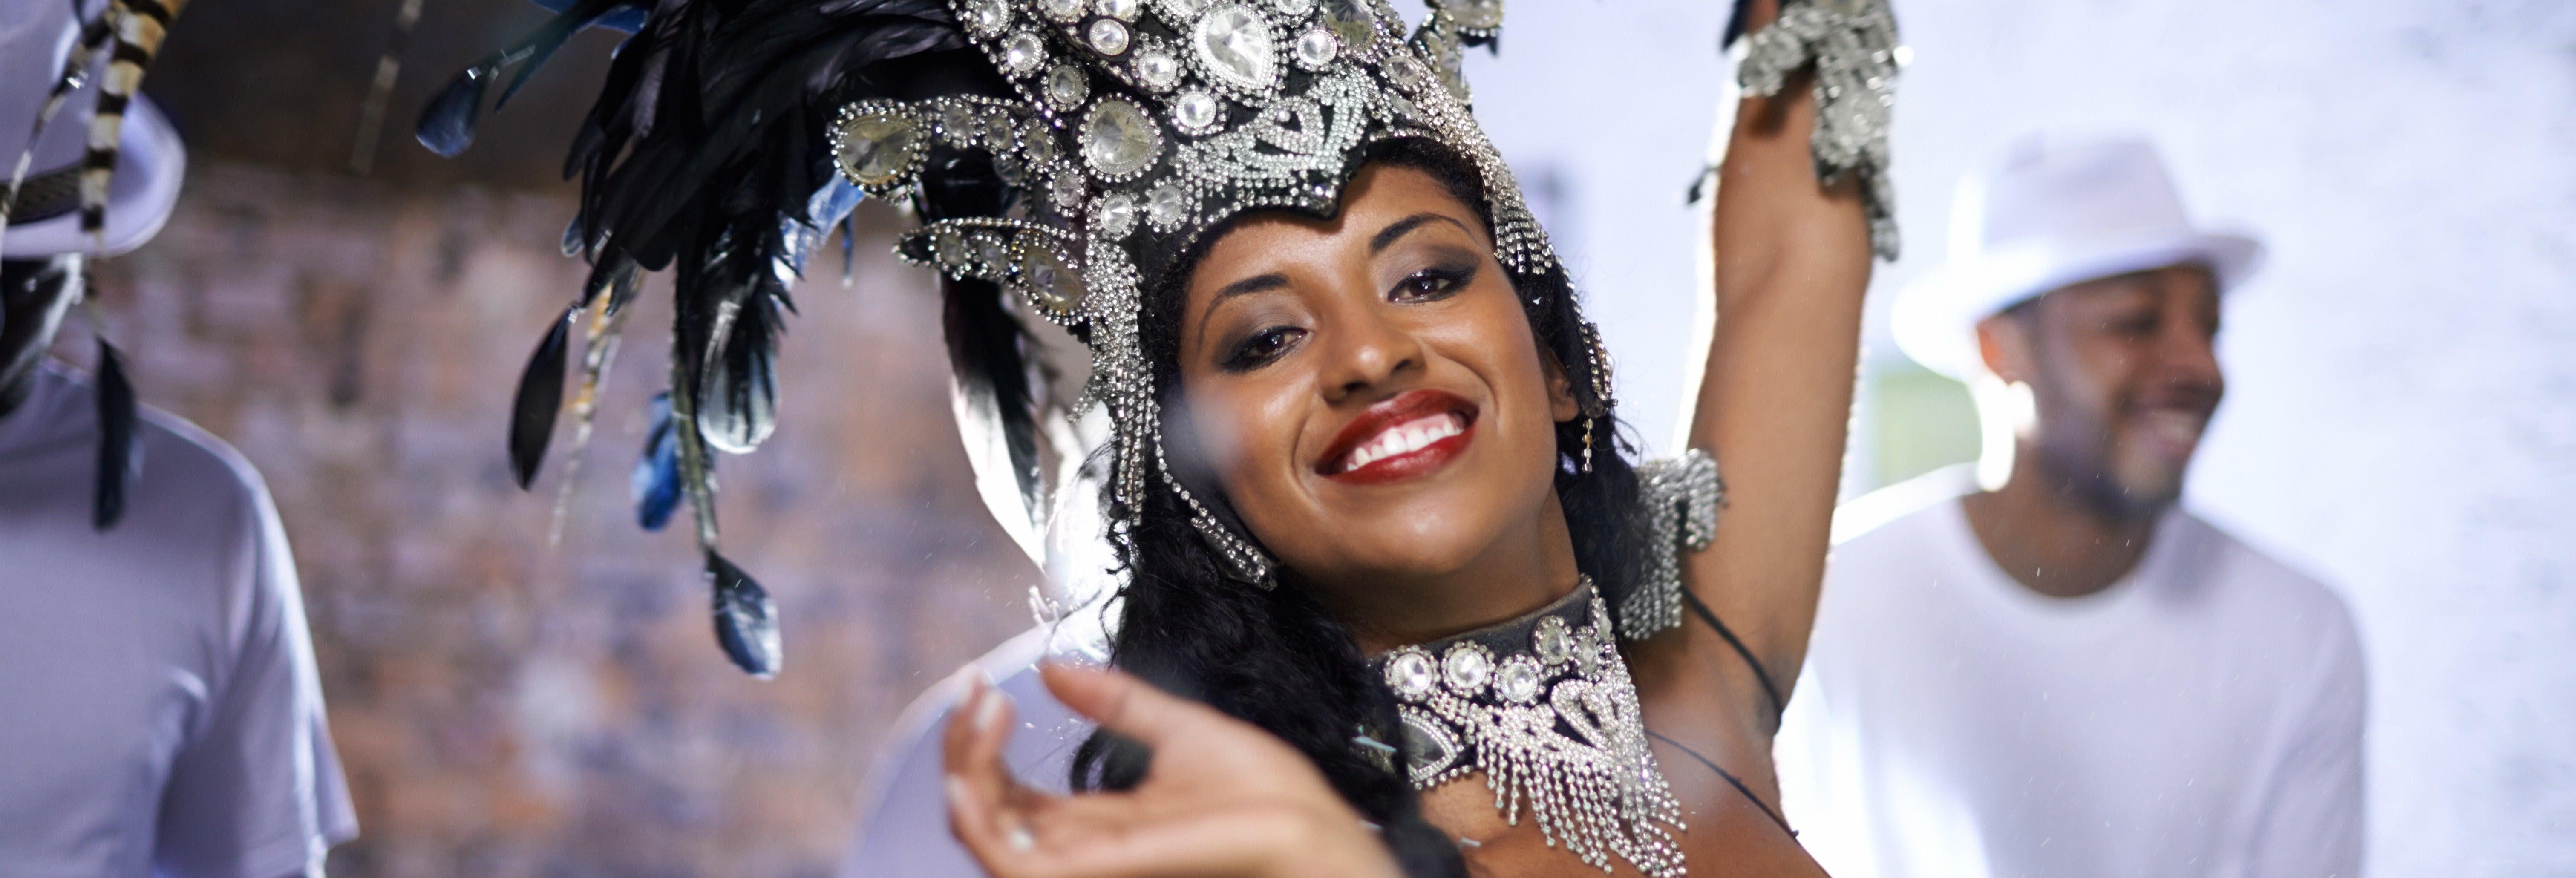 Carnevale di Rio de Janeiro nel Sambodromo